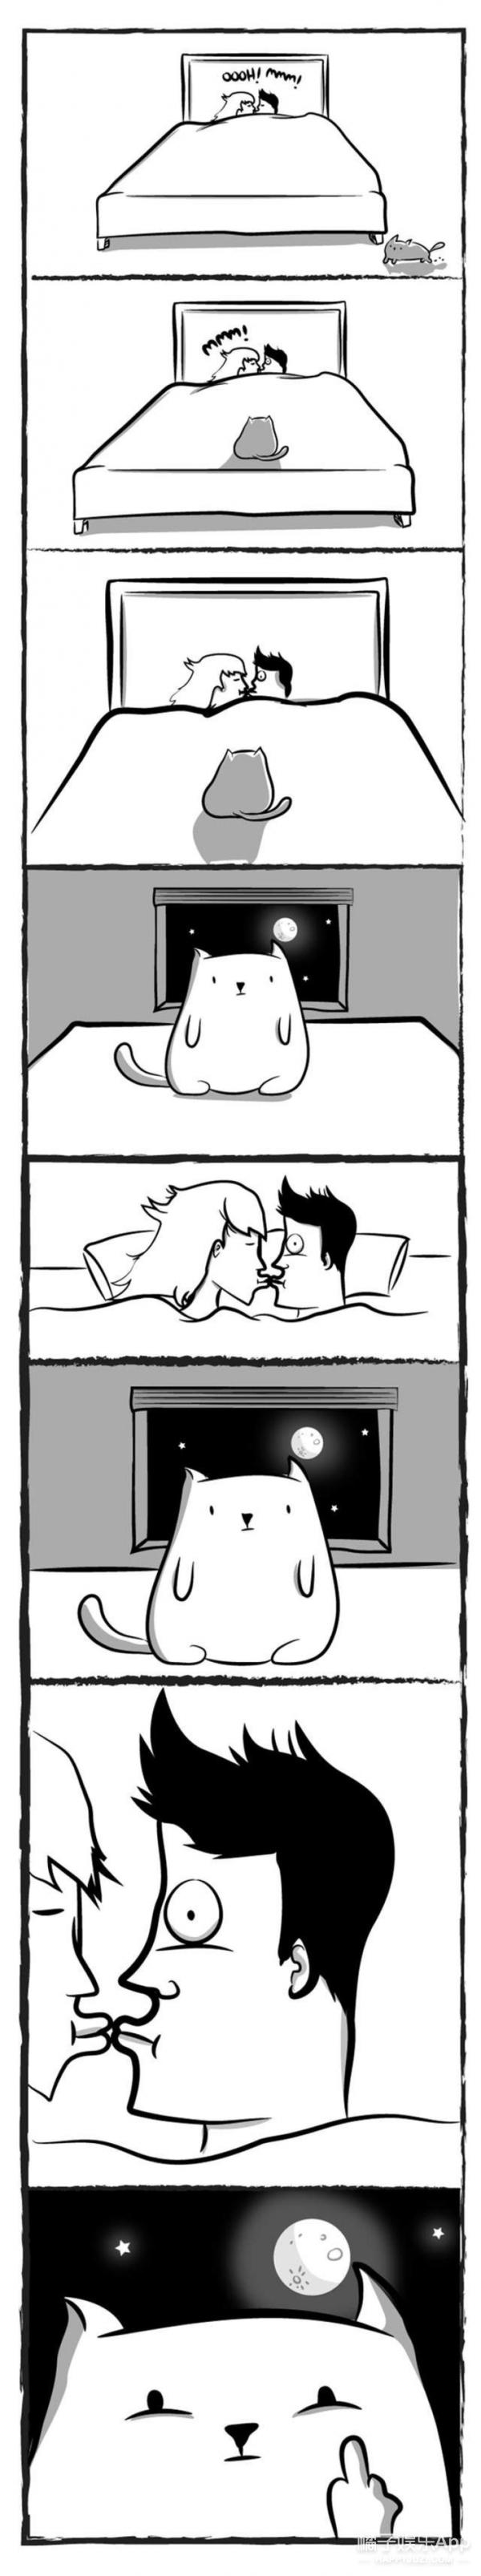 养猫的日常,整晚都会被它压着踩来踩去已经习惯了